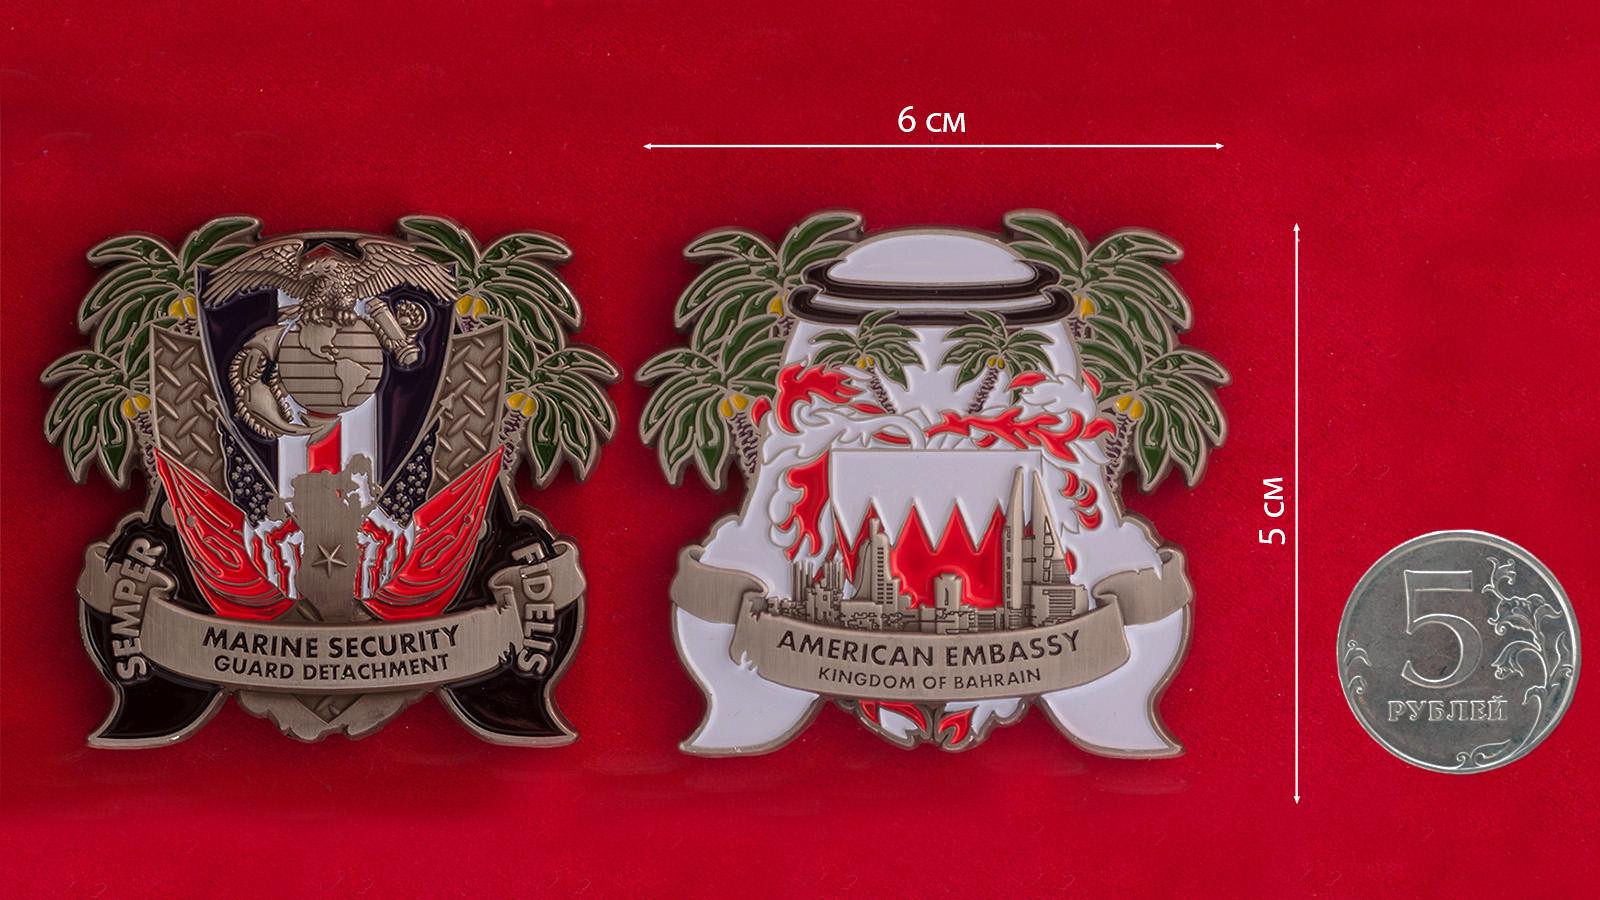 Челлендж коин Подразделения Корпуса Морской пехоты при посольстве США в Бахрейне - сравнительный размер